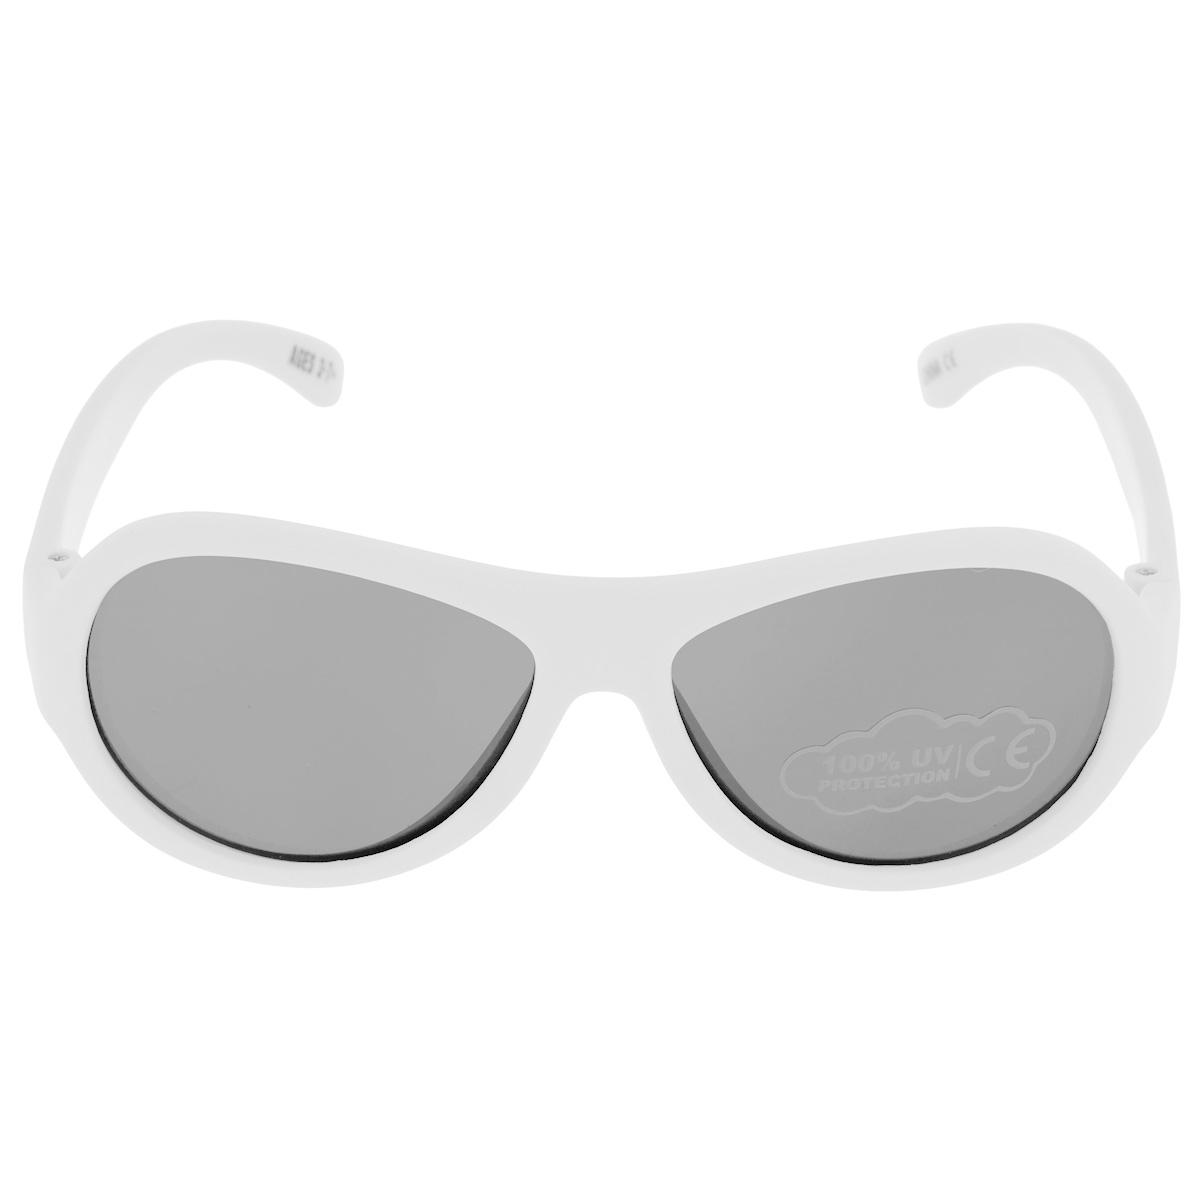 Детские солнцезащитные очки Babiators Шалун (Wicked), цвет: белый, 3-7 летBAB-015Вы делаете все возможное, чтобы ваши дети были здоровы и в безопасности. Шлемы для езды на велосипеде, солнцезащитный крем для прогулок на солнце... Но как насчёт влияния солнца на глаза вашего ребёнка? Правда в том, что сетчатка глаза у детей развивается вместе с самим ребёнком. Это означает, что глаза малышей не могут отфильтровать УФ-излучение. Проблема понятна - детям нужна настоящая защита, чтобы глазки были в безопасности, а зрение сильным. Каждая пара солнцезащитных очков Babiators для детей обеспечивает 100% защиту от UVA и UVB. Прочные линзы высшего качества не подведут в самых сложных переделках. В отличие от обычных пластиковых очков, оправа Babiators выполнена из гибкого прорезиненного материала, что делает их ударопрочными, их можно сгибать и крутить - они не сломаются и вернутся в прежнюю форму. Не бойтесь, что ребёнок сядет на них - они всё выдержат. Будьте уверены, что очки Babiators созданы безопасными, прочными и классными, так что вы и ваш ребенок можете...